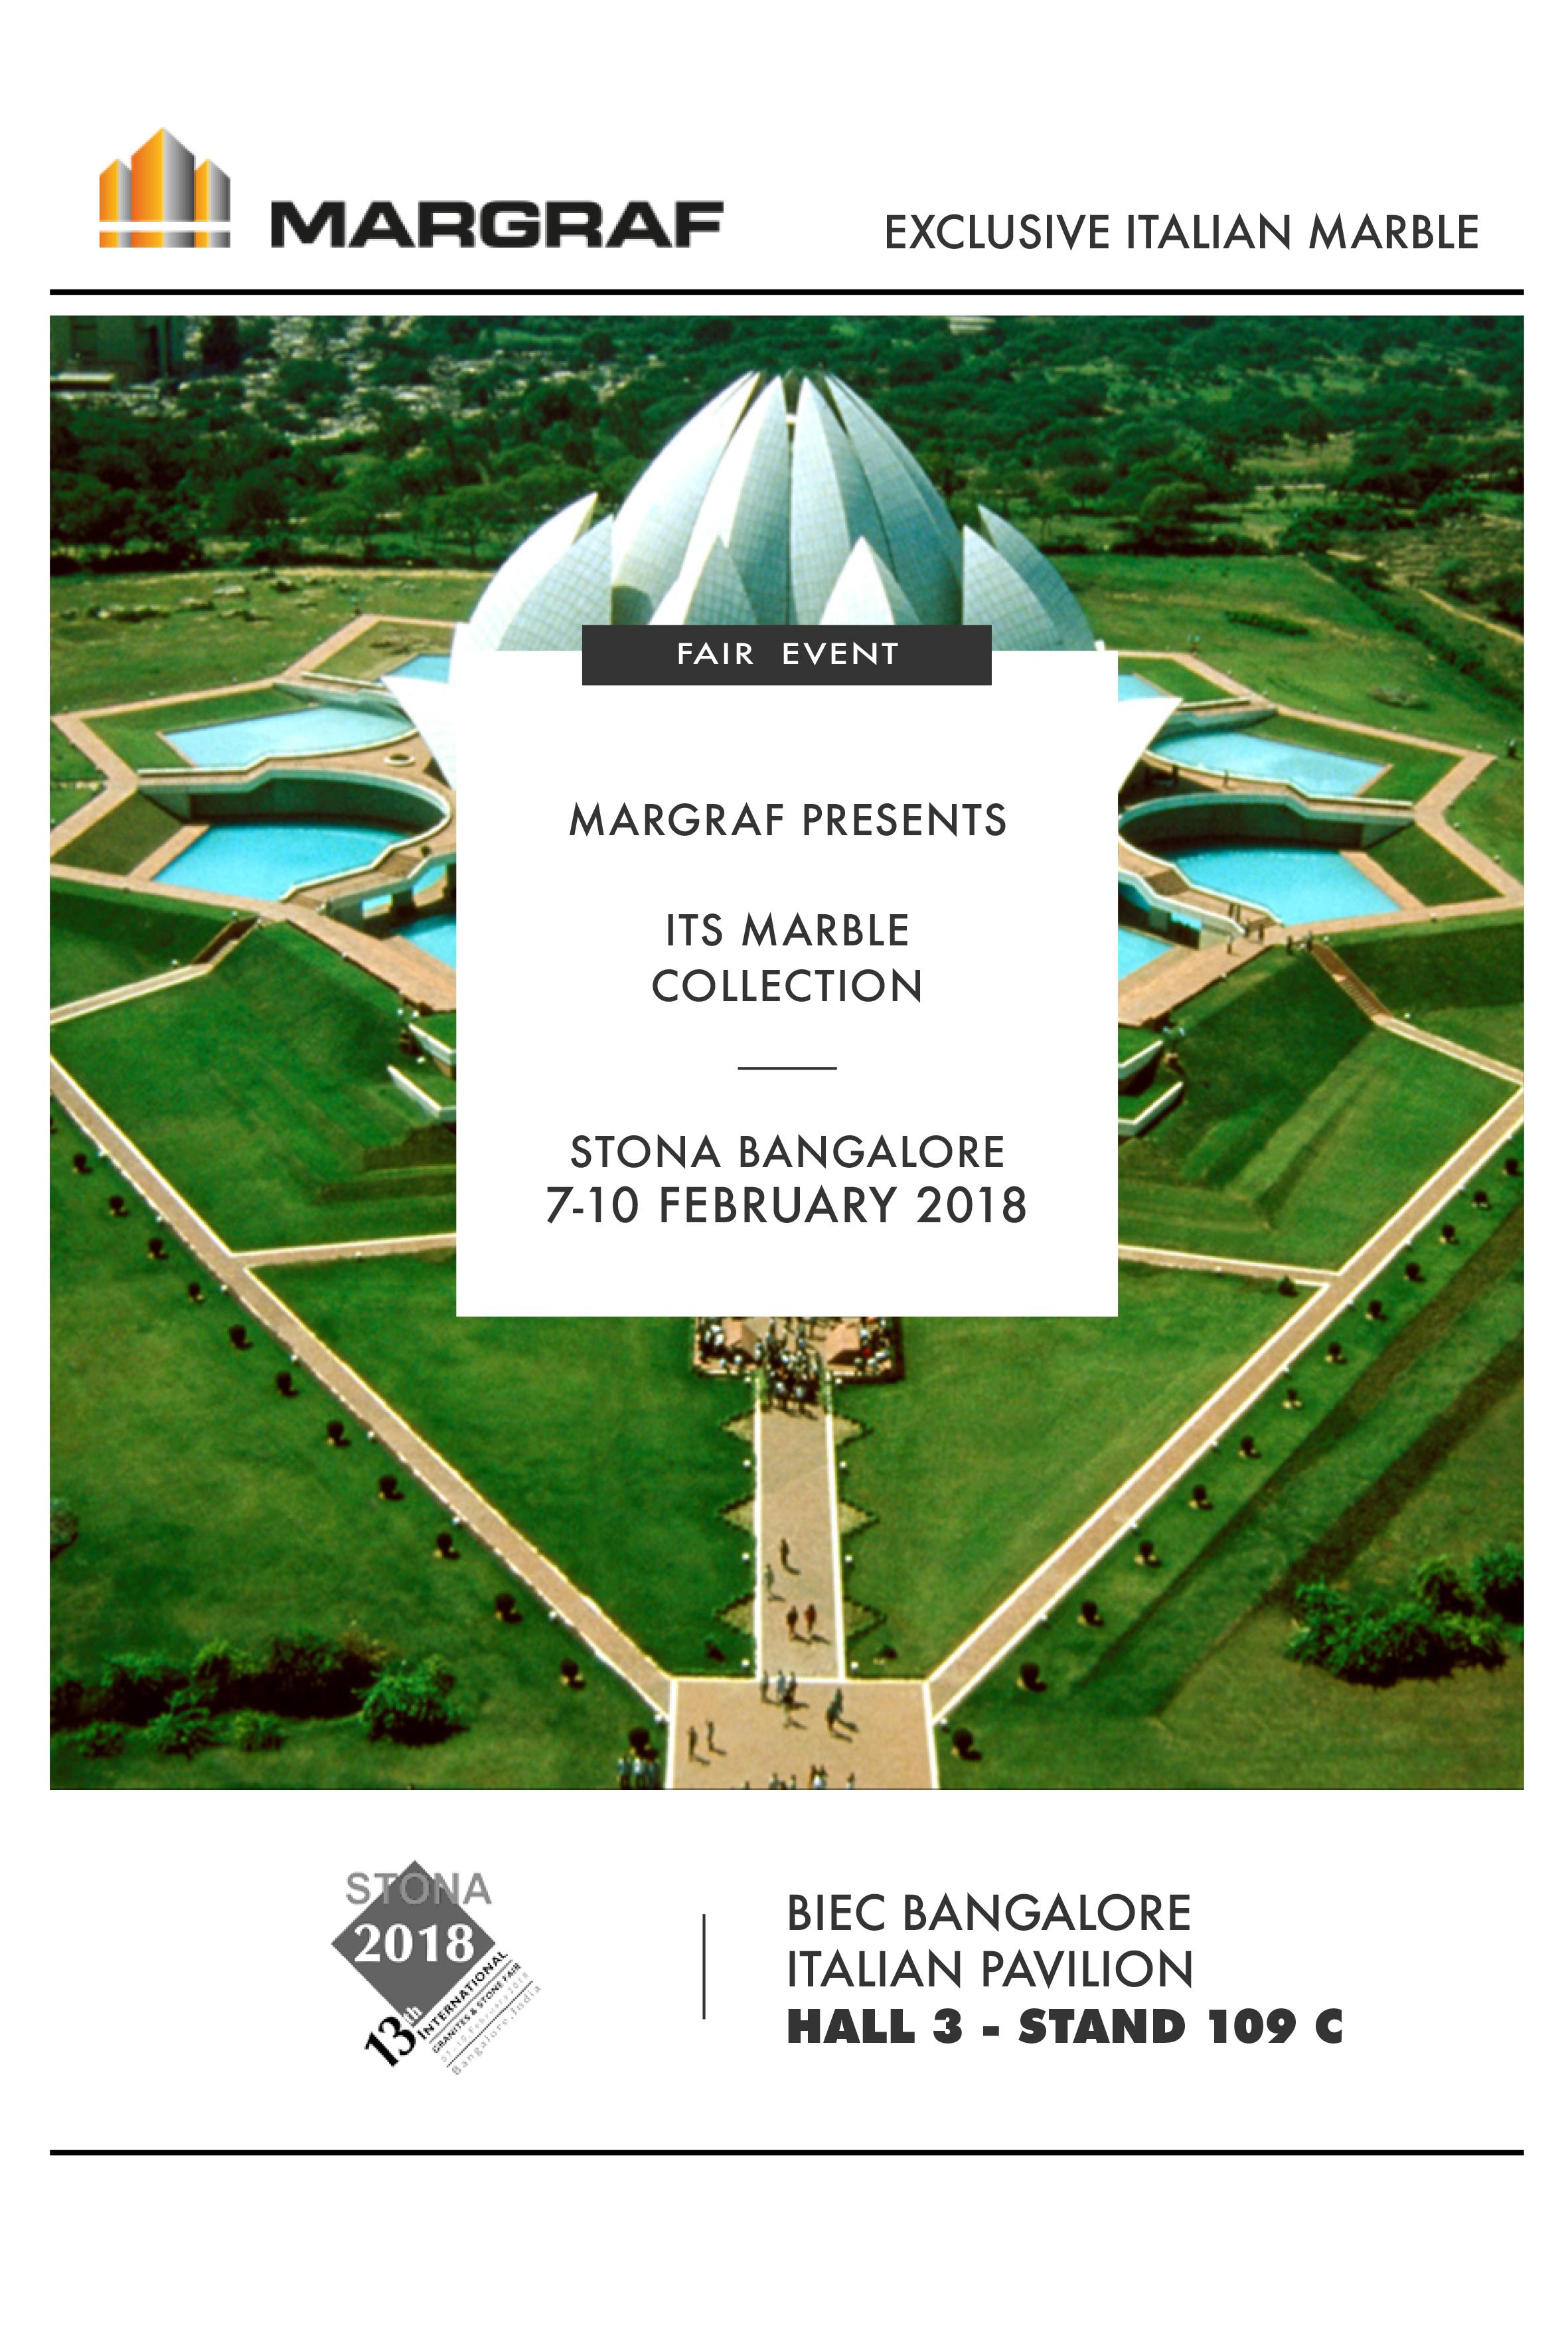 Newsletter_margraf_event_Stona_Bangalore_2018